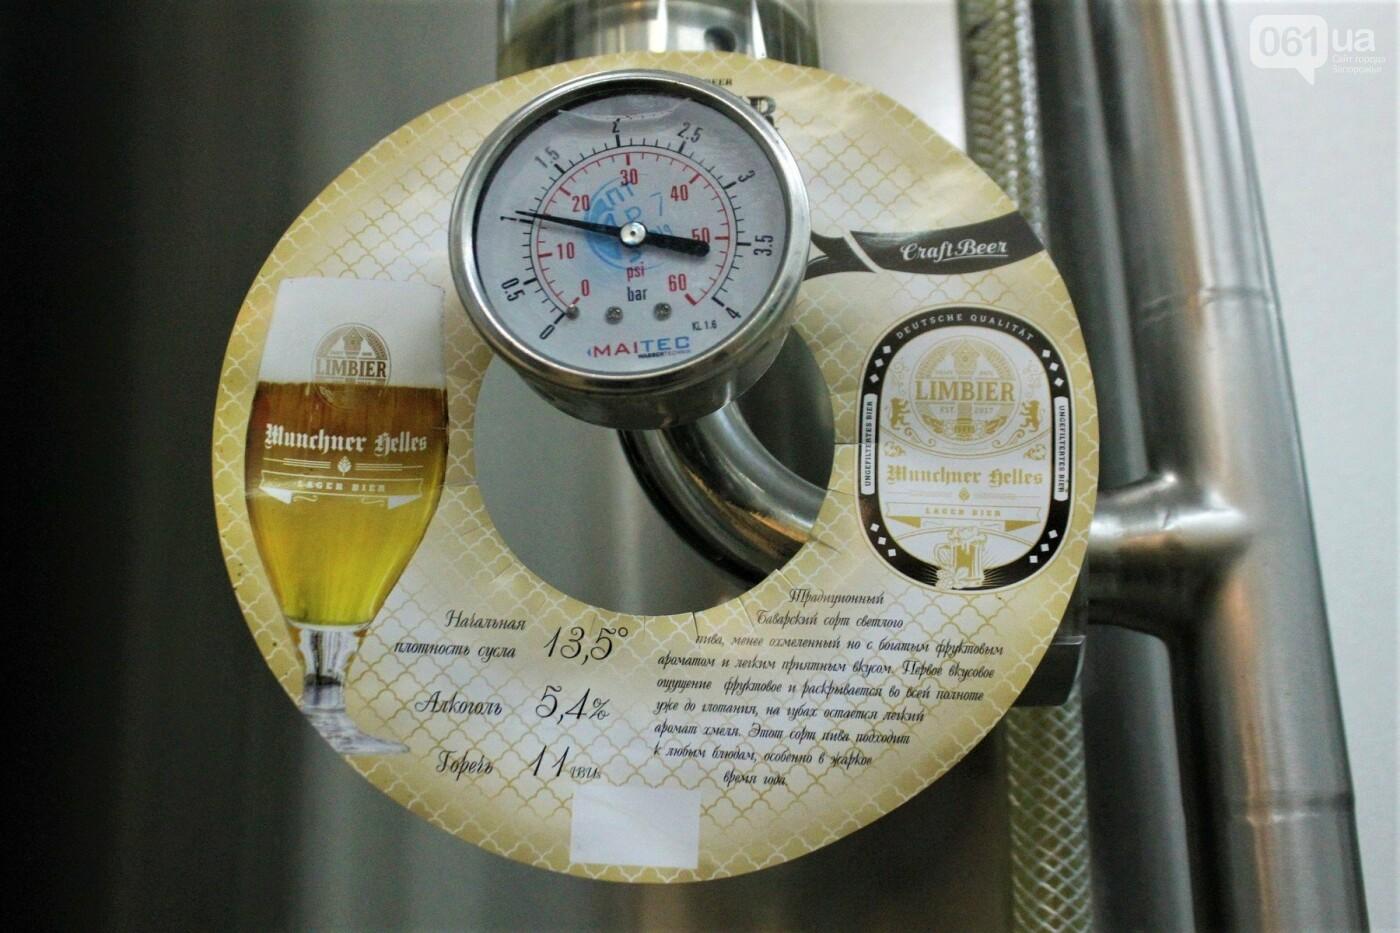 Как в Запорожье готовят крафтовое пиво «Limbier»: экскурсия на производство, – ФОТОРЕПОРТАЖ, фото-14